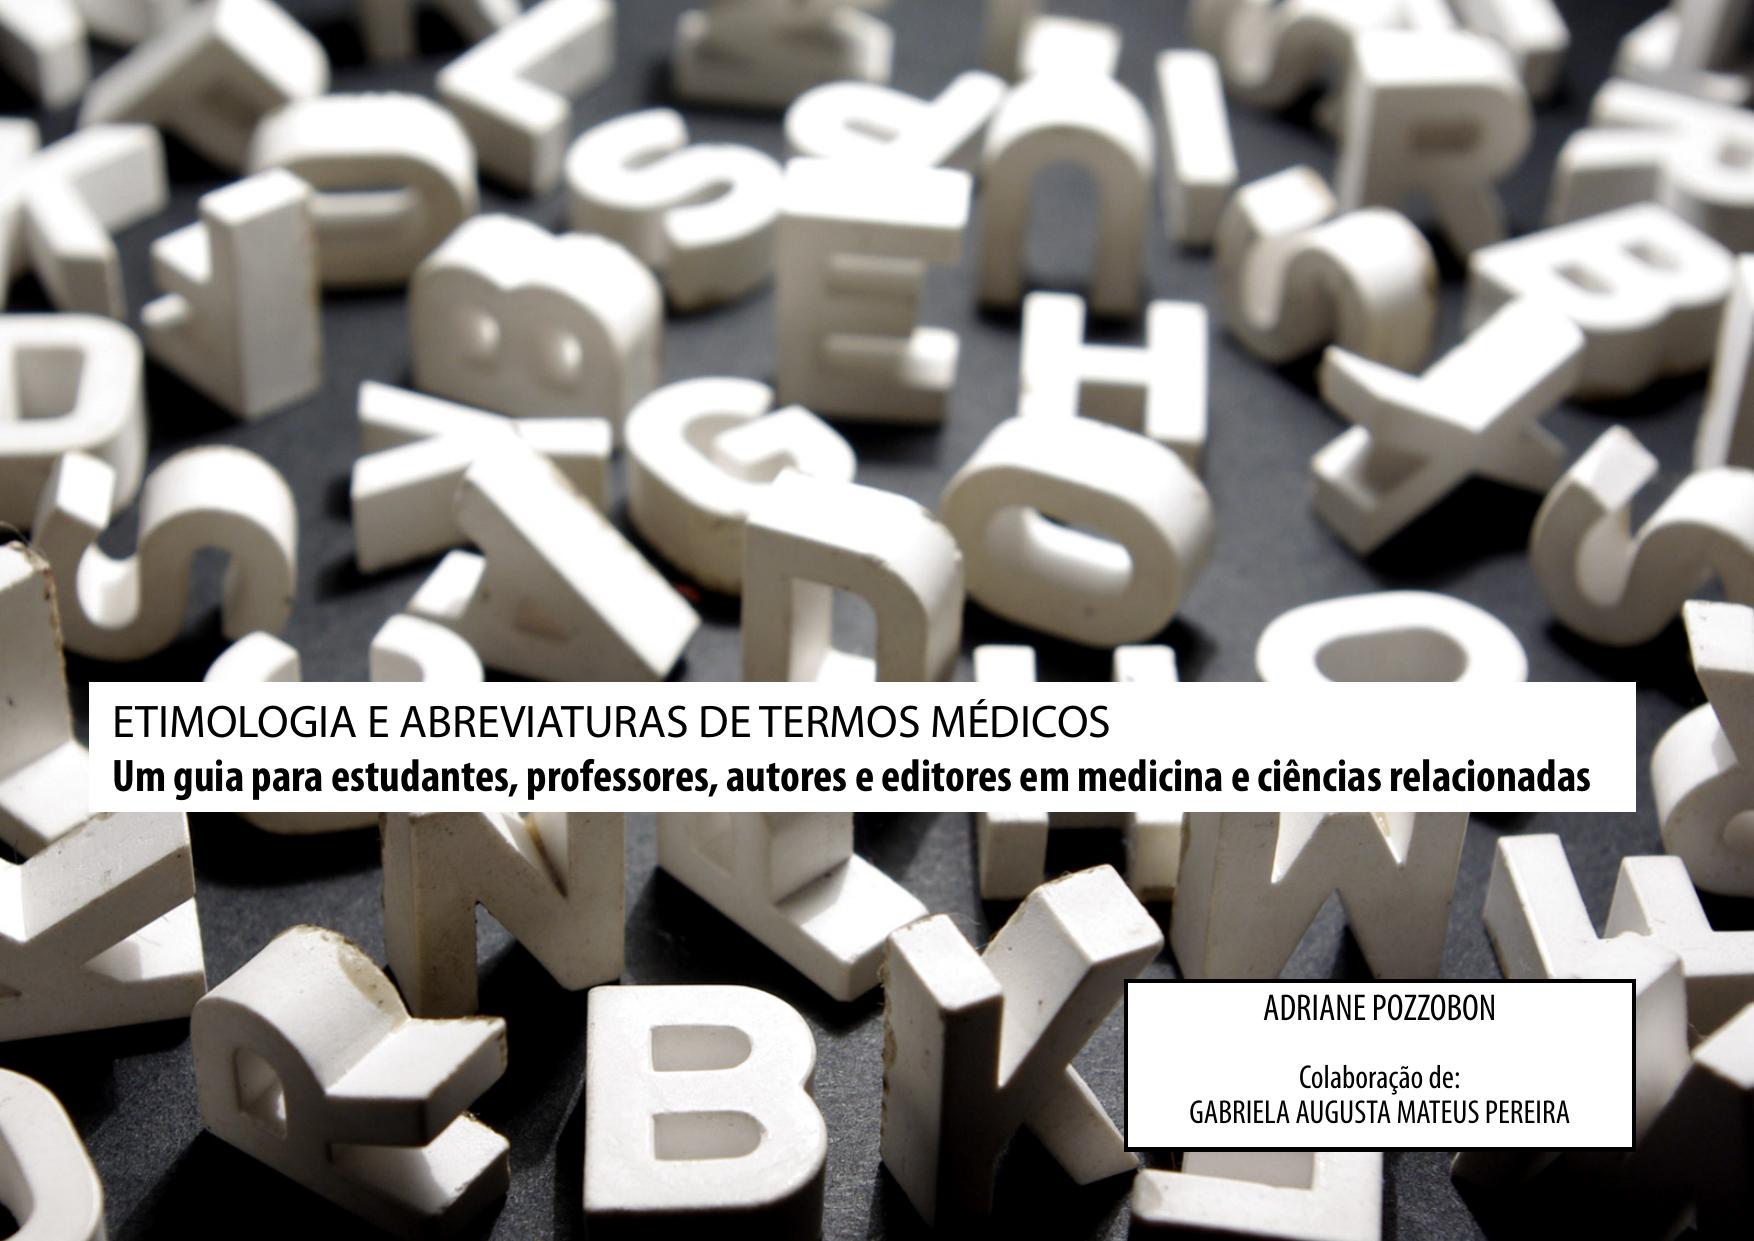 Etimologia E Abreviaturas De Termos Medicos Jeden tag werden tausende neue, hochwertige bilder hinzugefügt. etimologia e abreviaturas de termos medicos